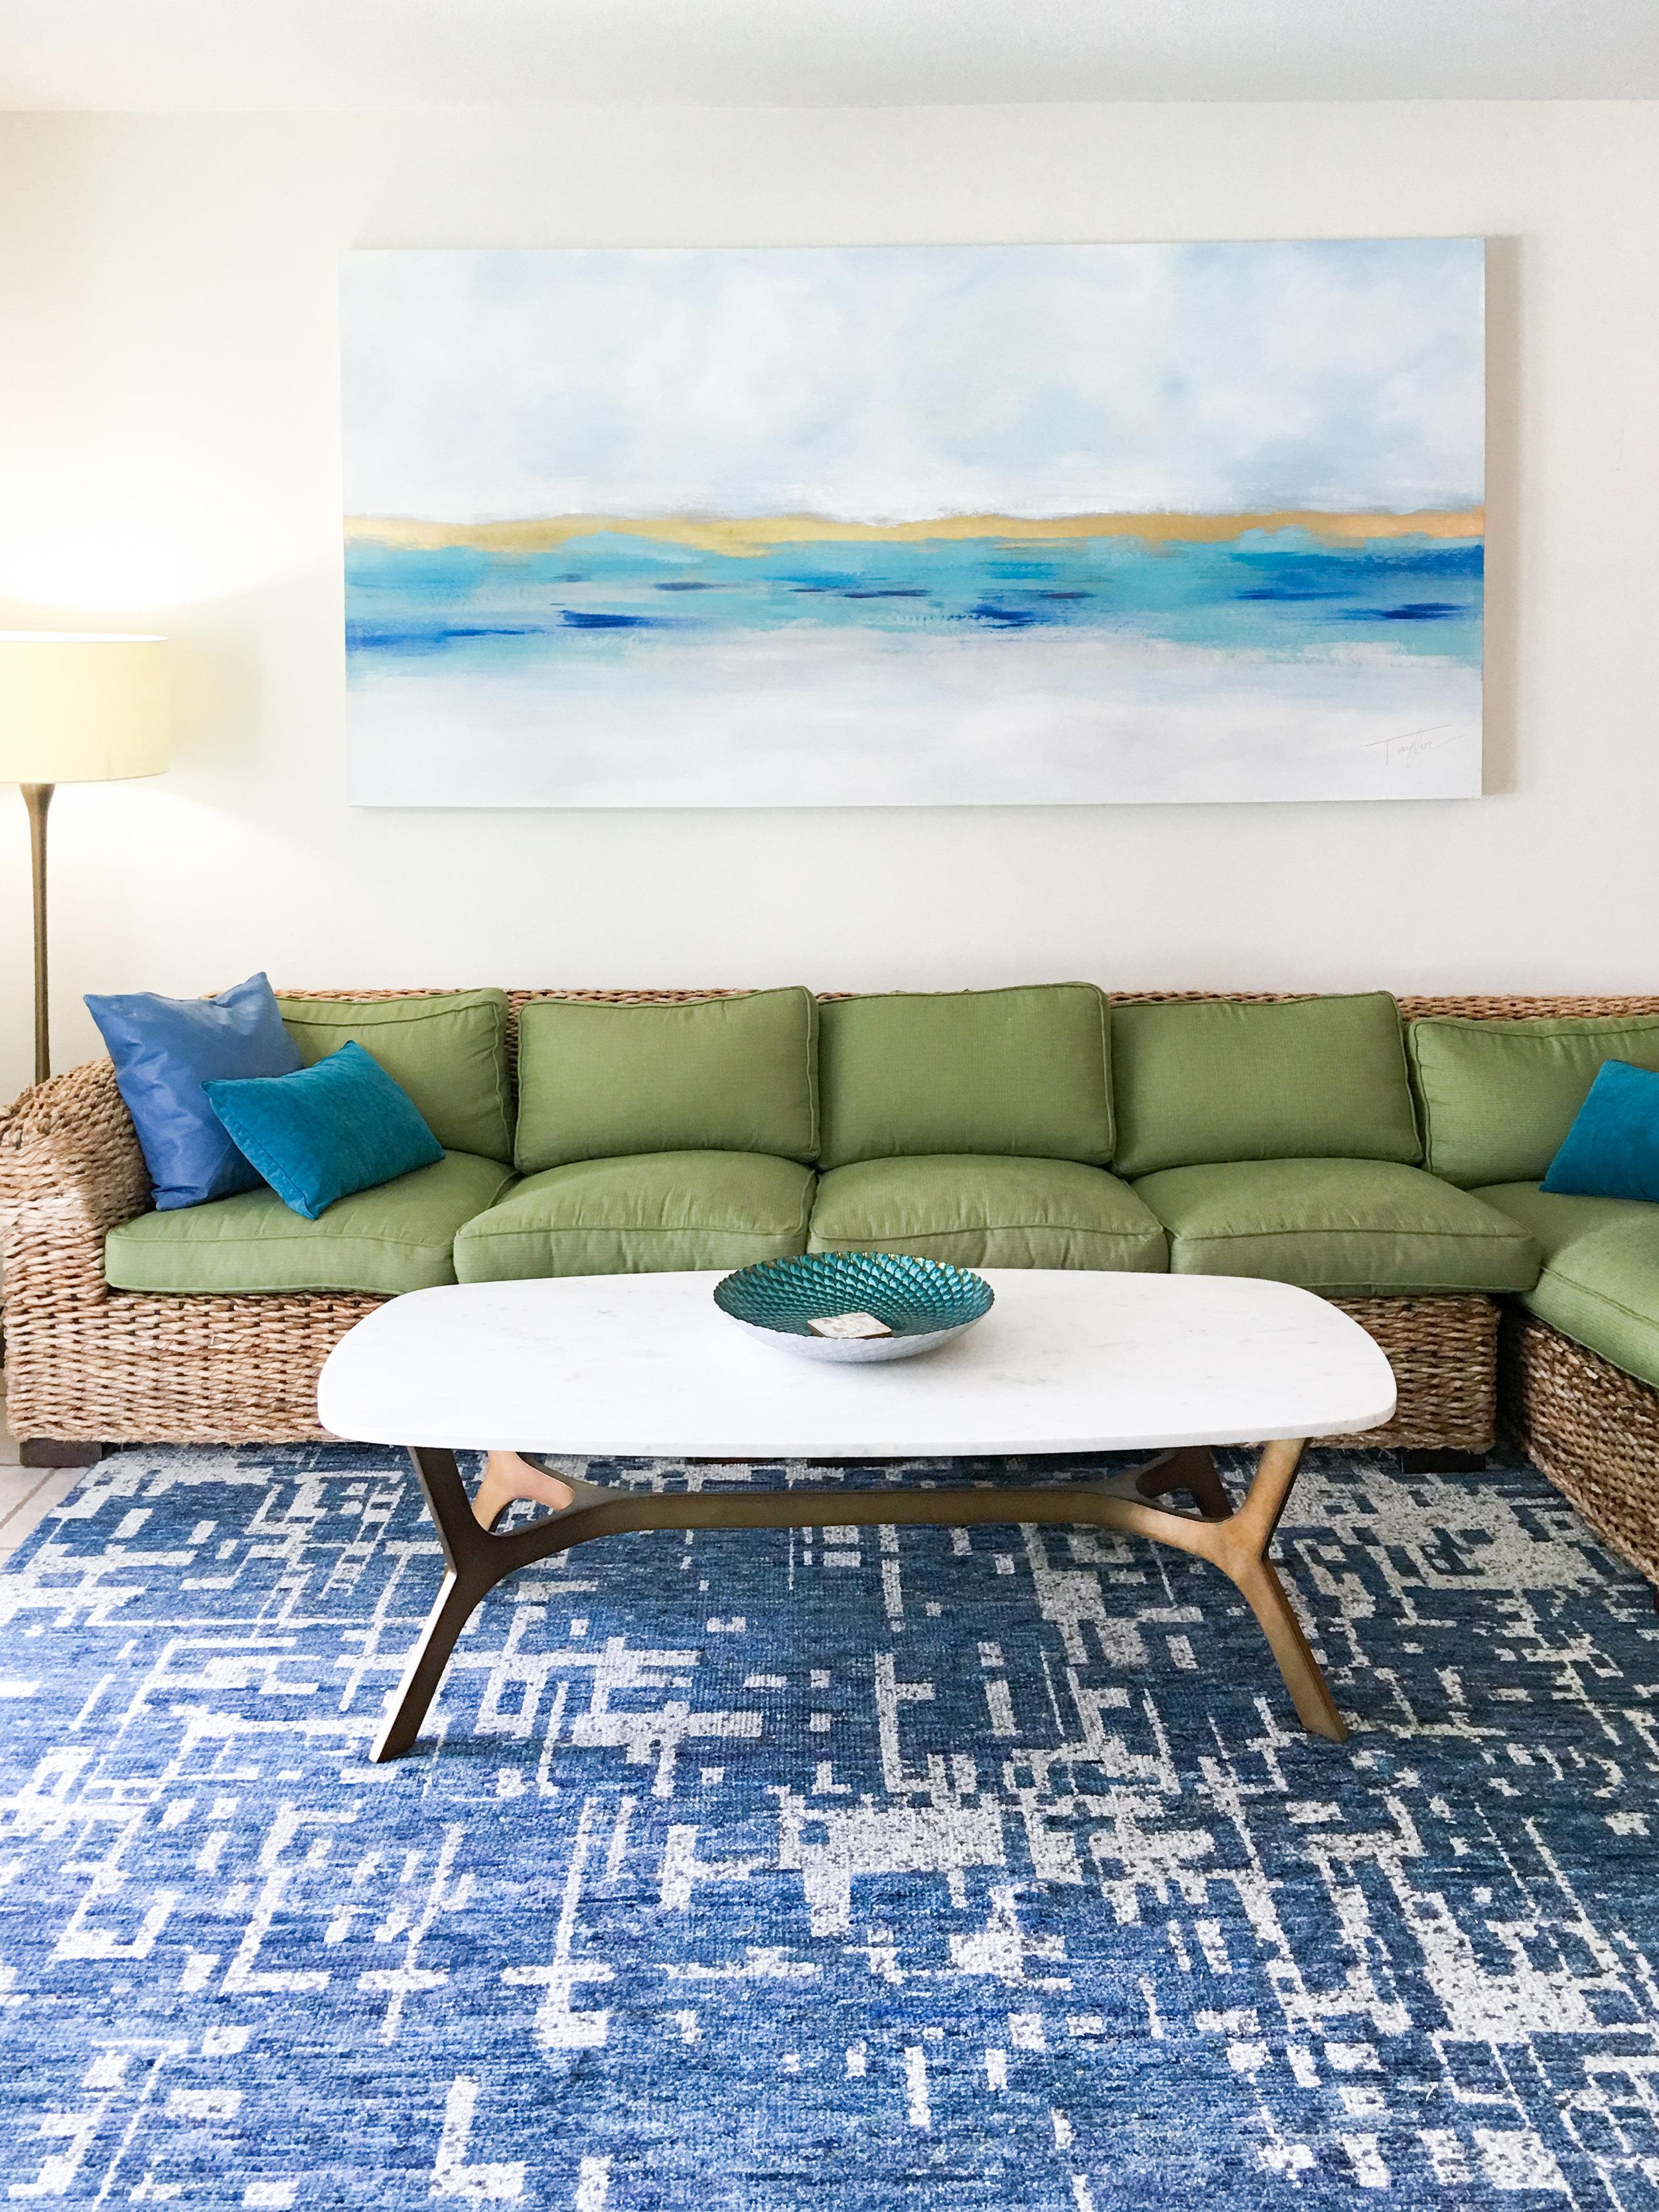 painting in living room.jpg